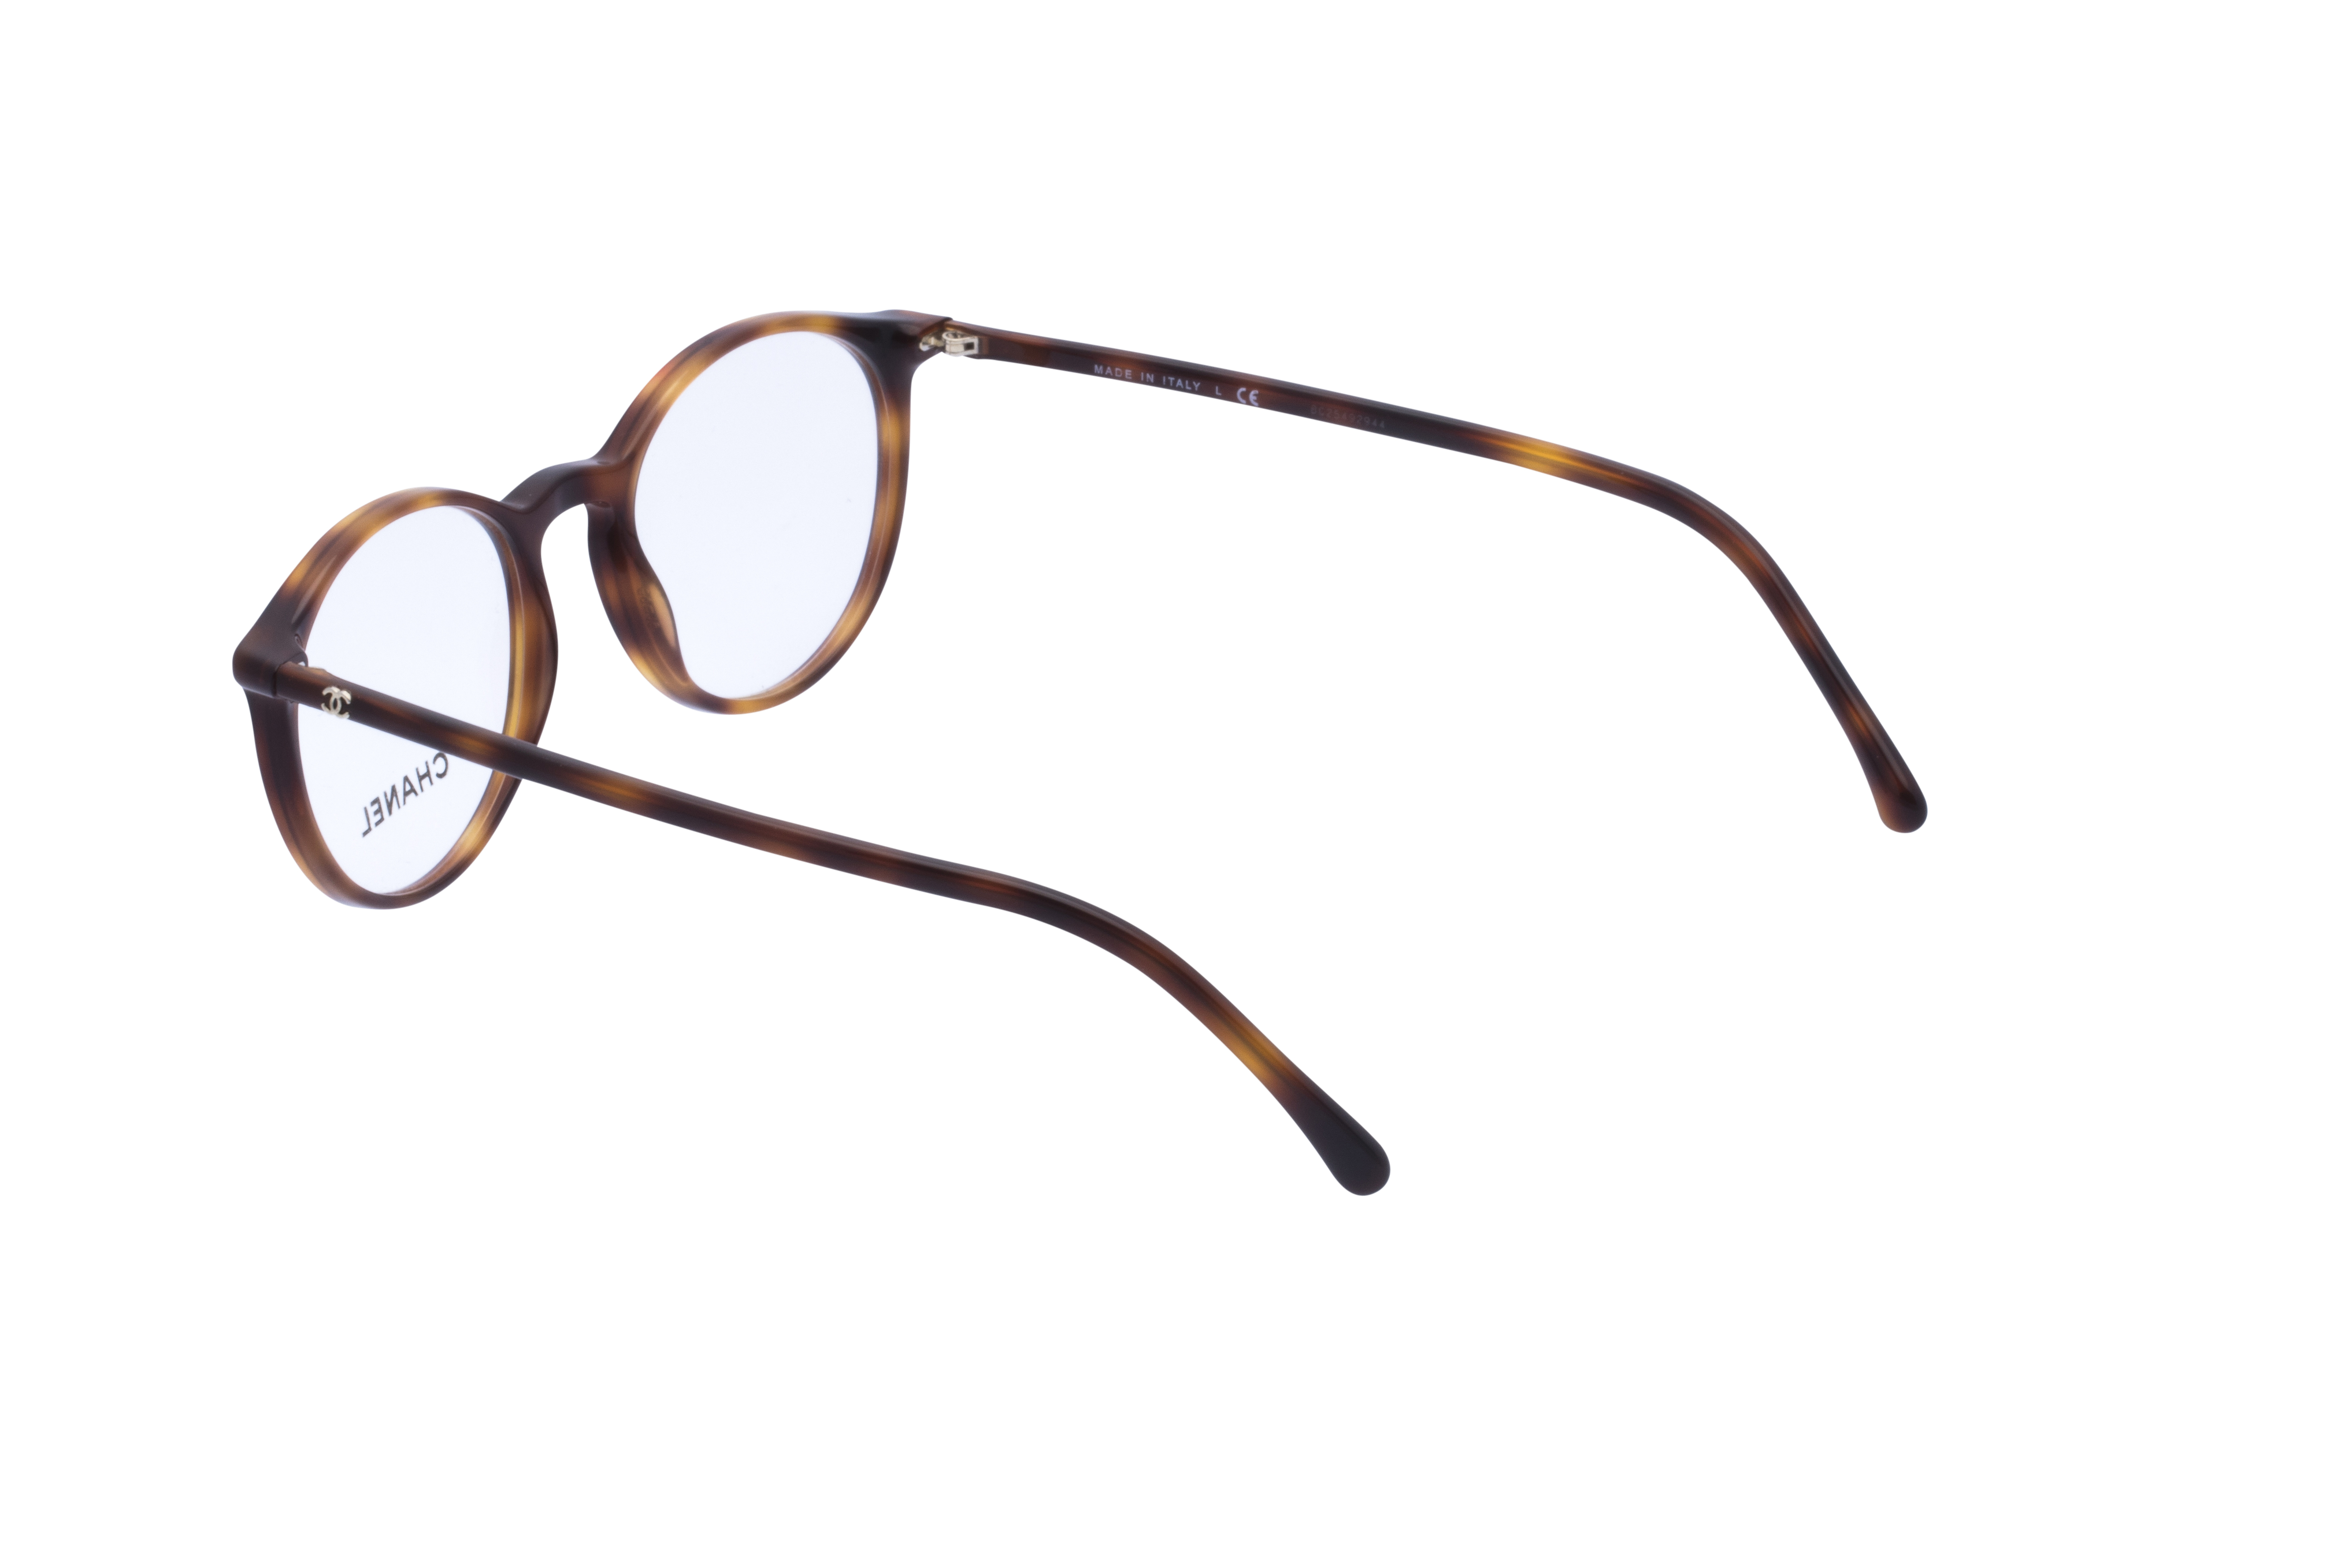 360 Grad Ansicht 16 Chanel 3372 Frontansicht, Brille auf Weiß - Fassung bei KUNK